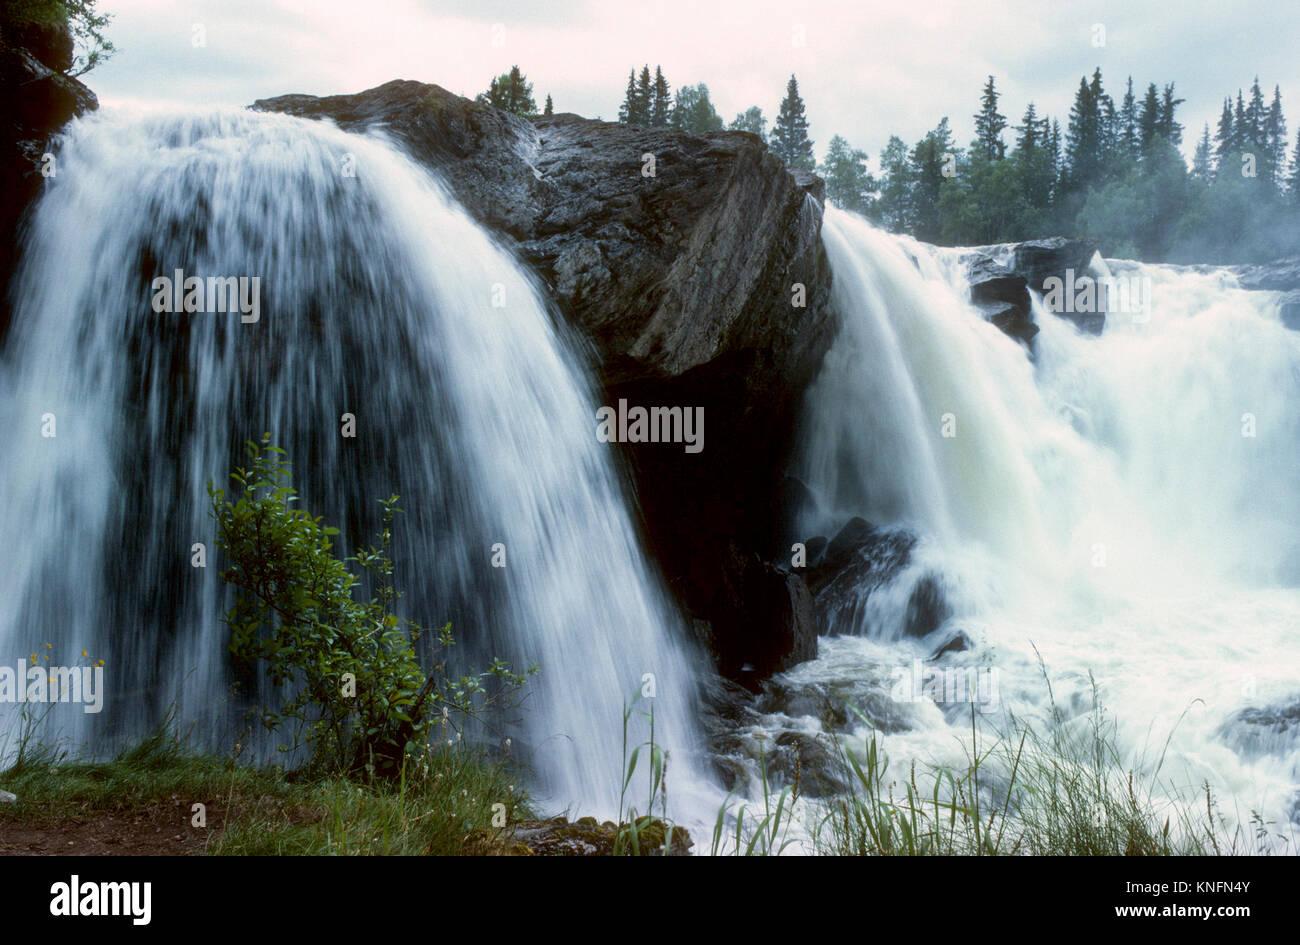 RISTAFALLET suédois dans l'une des grande cascade Jämtland en Suède à Indalsälven 2011 Photo Stock